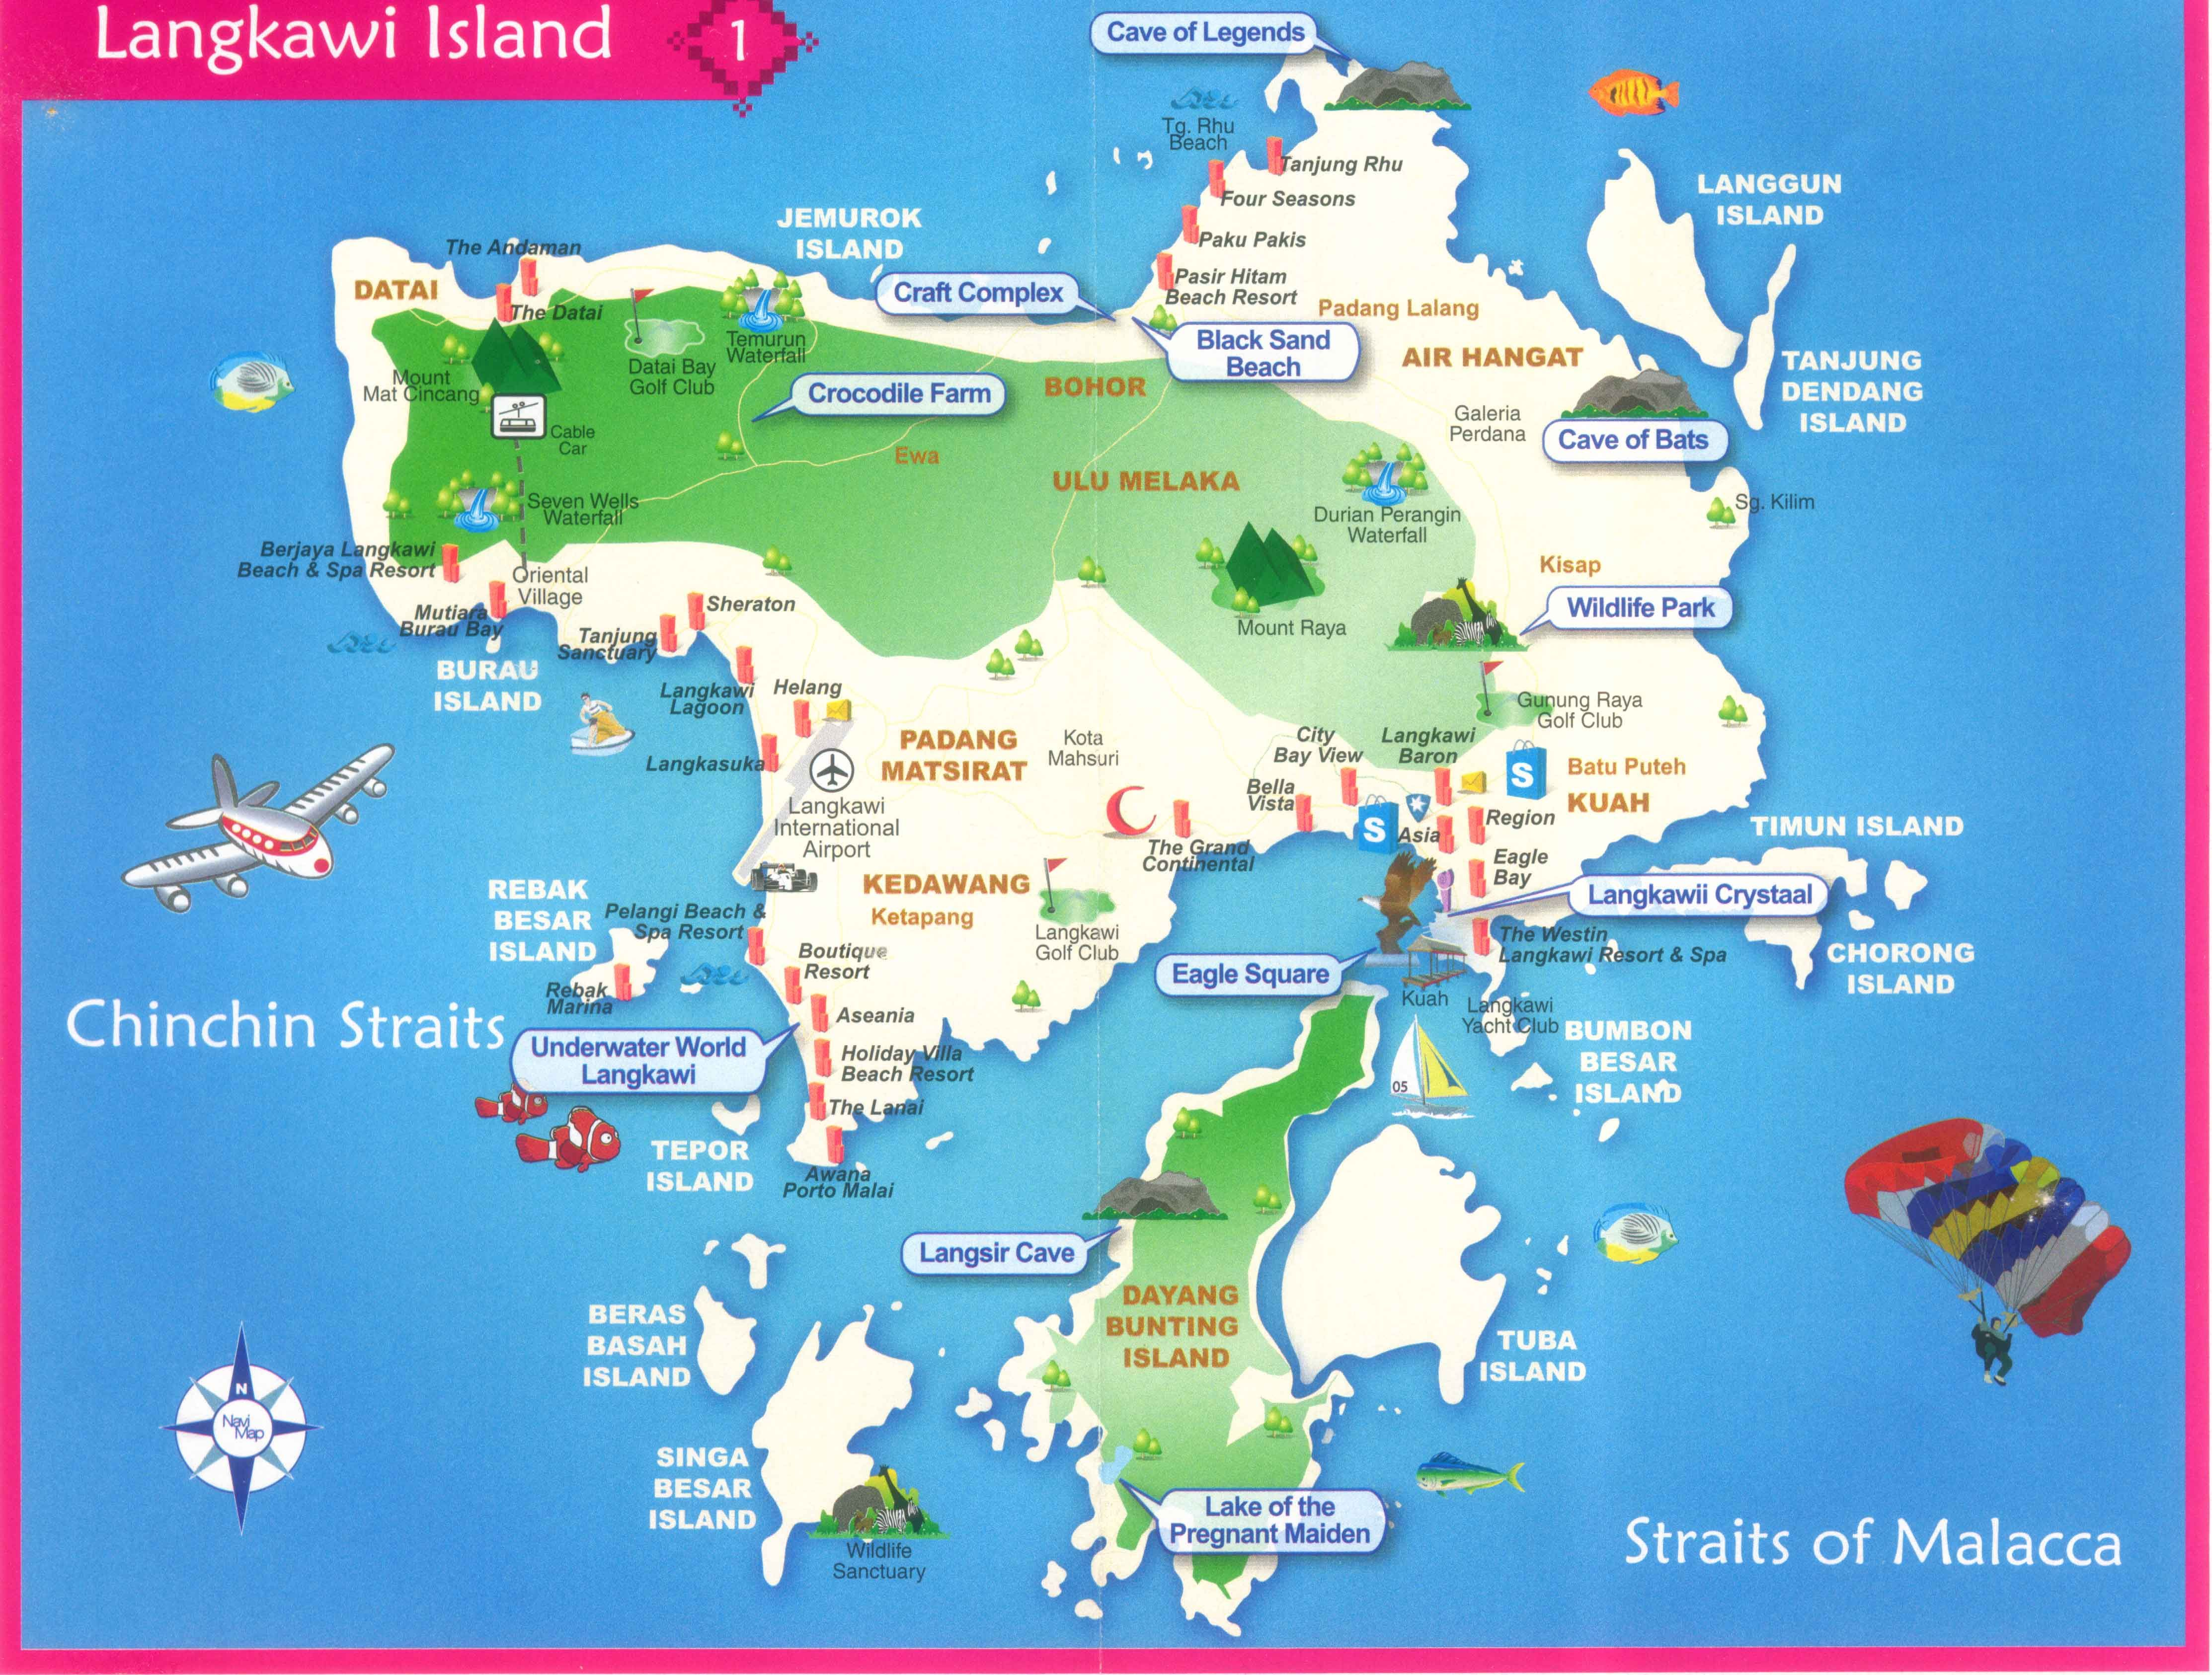 Pin By Halomaty On L Pinterest Malaysia Open Trip Kuala Lumpur Singapore Langkawi Map 1 Pixels